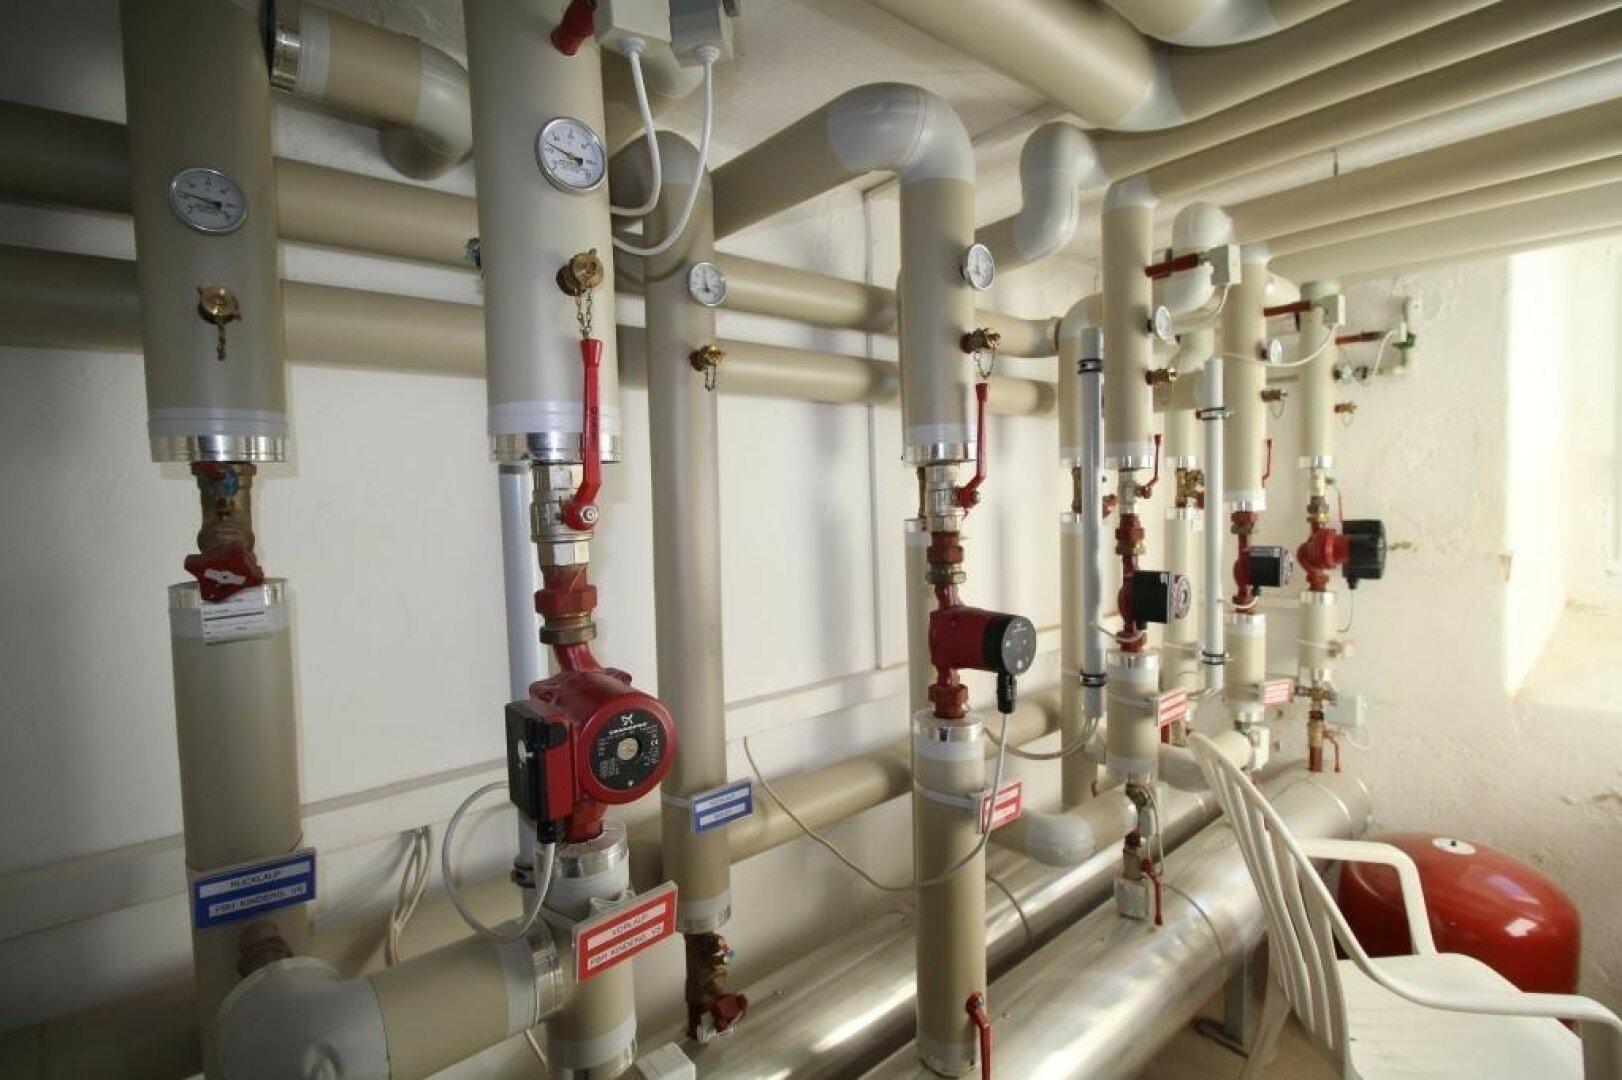 Technikraum für Heizung und Wasser